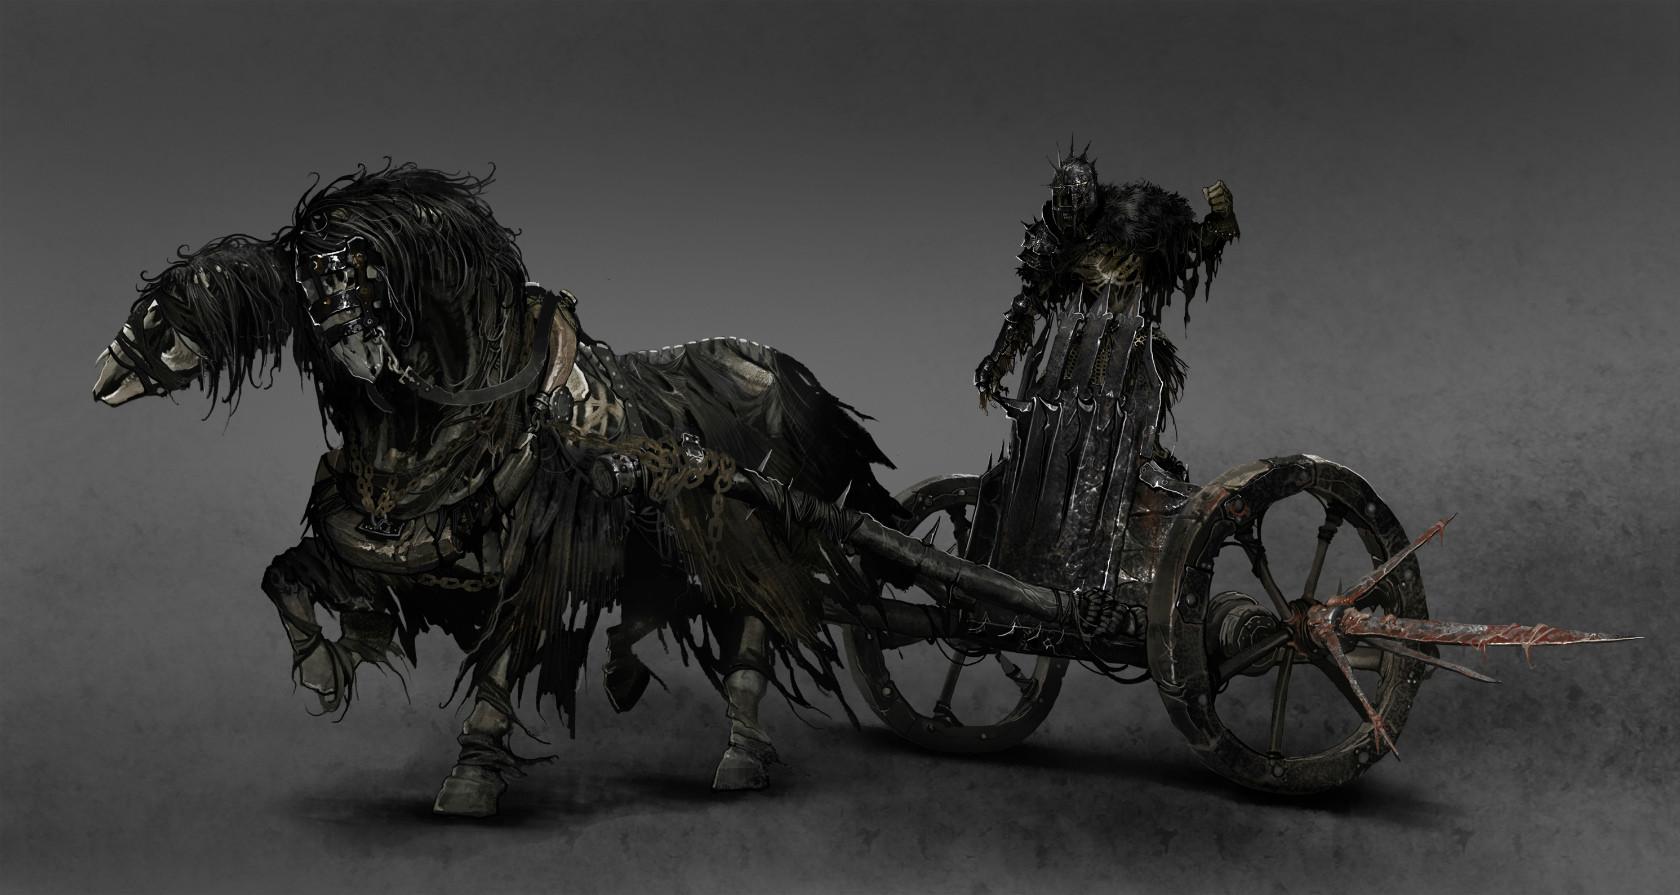 image dark souls 2 dark souls wiki. Black Bedroom Furniture Sets. Home Design Ideas